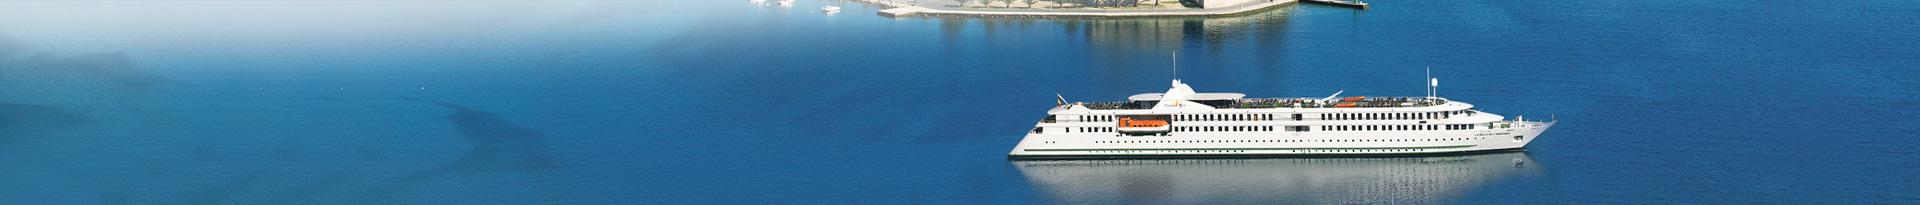 Afbeeldingsresultaat voor la belle de l'adriatique